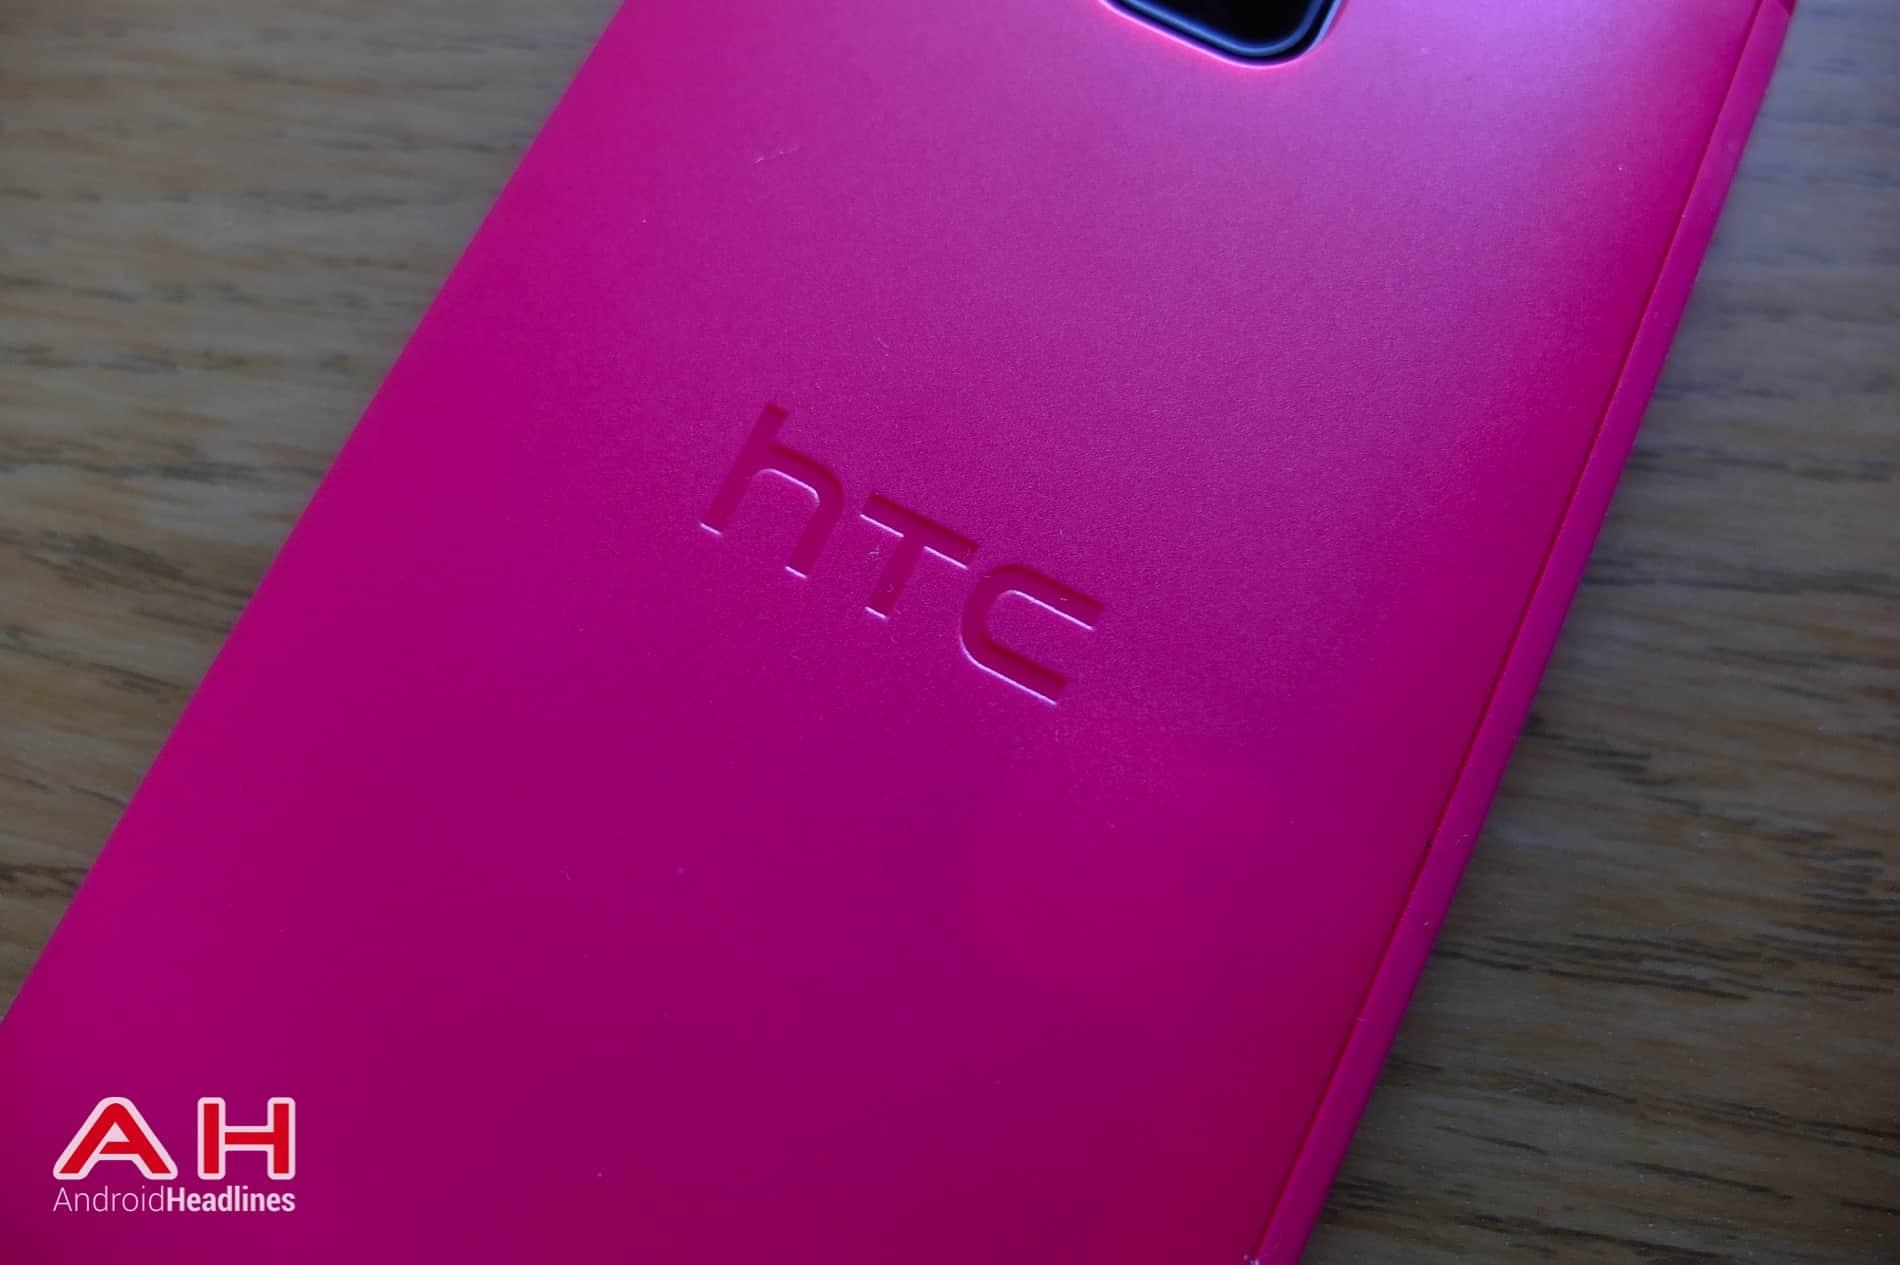 HTC Dot View M9 AH 10